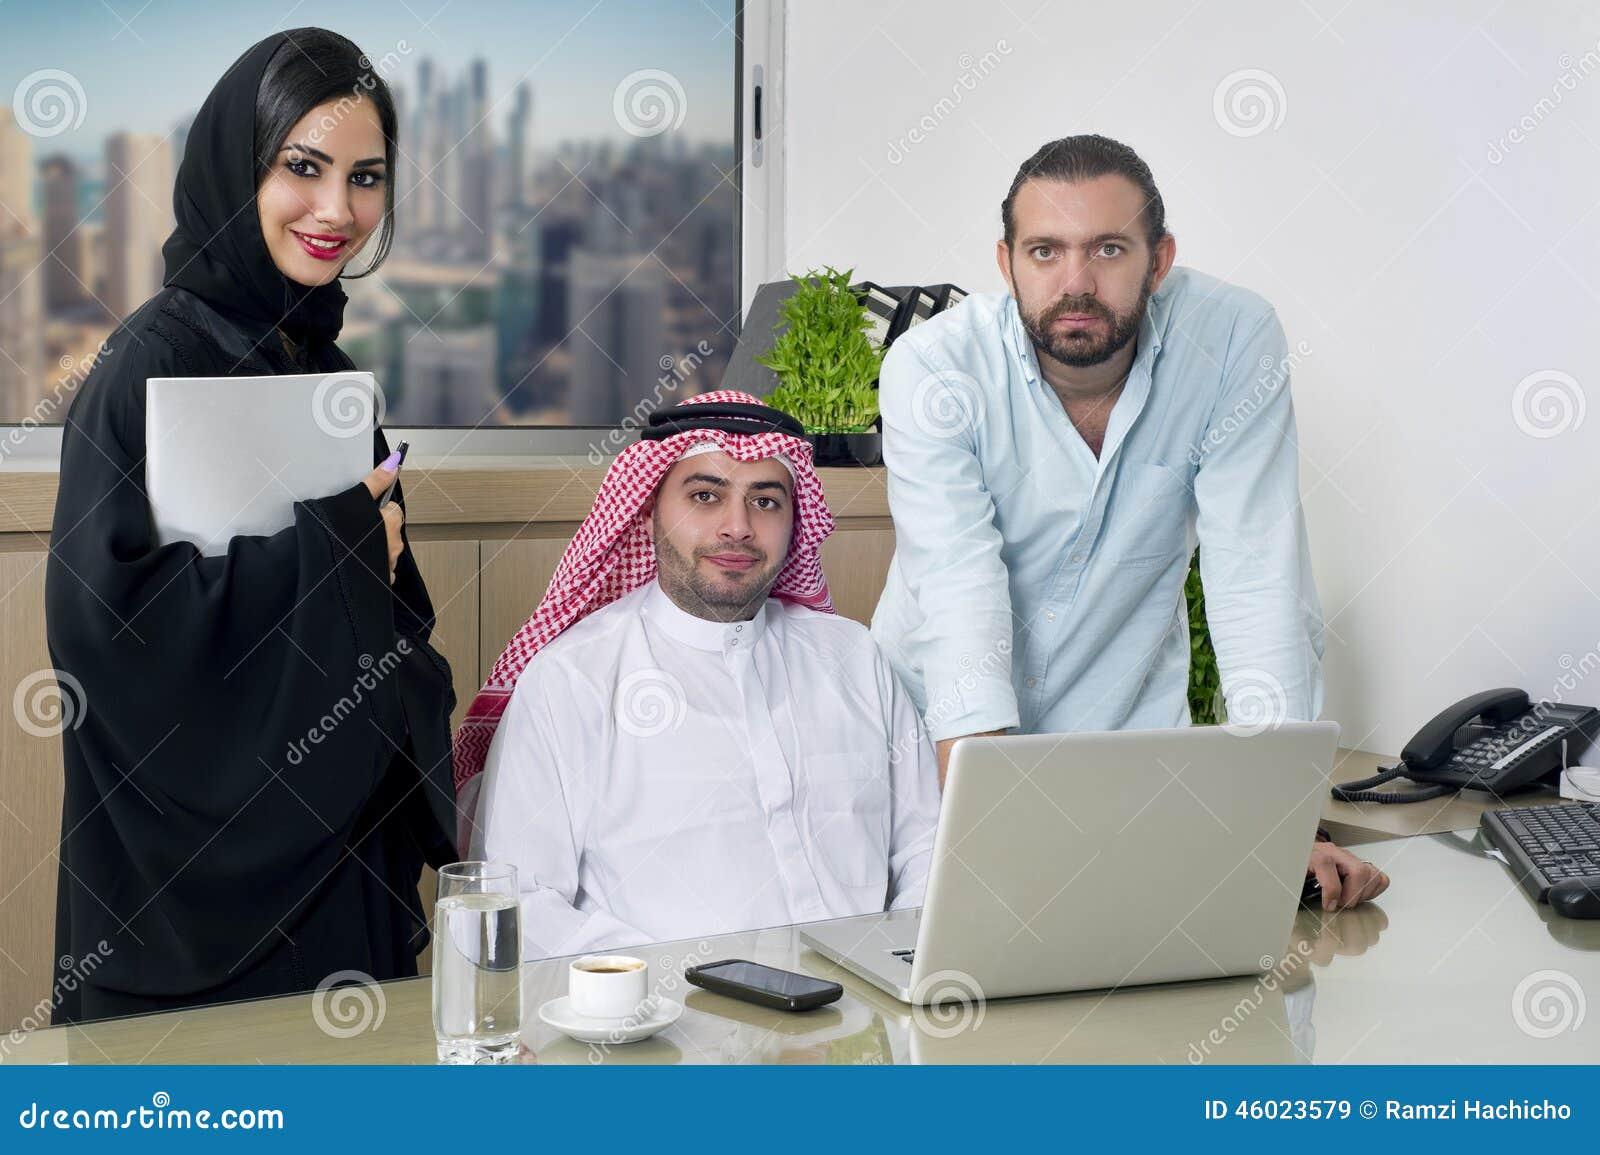 阿拉伯商人&阿拉伯秘书佩带的hijab &一次外国人会议在办公室.图片